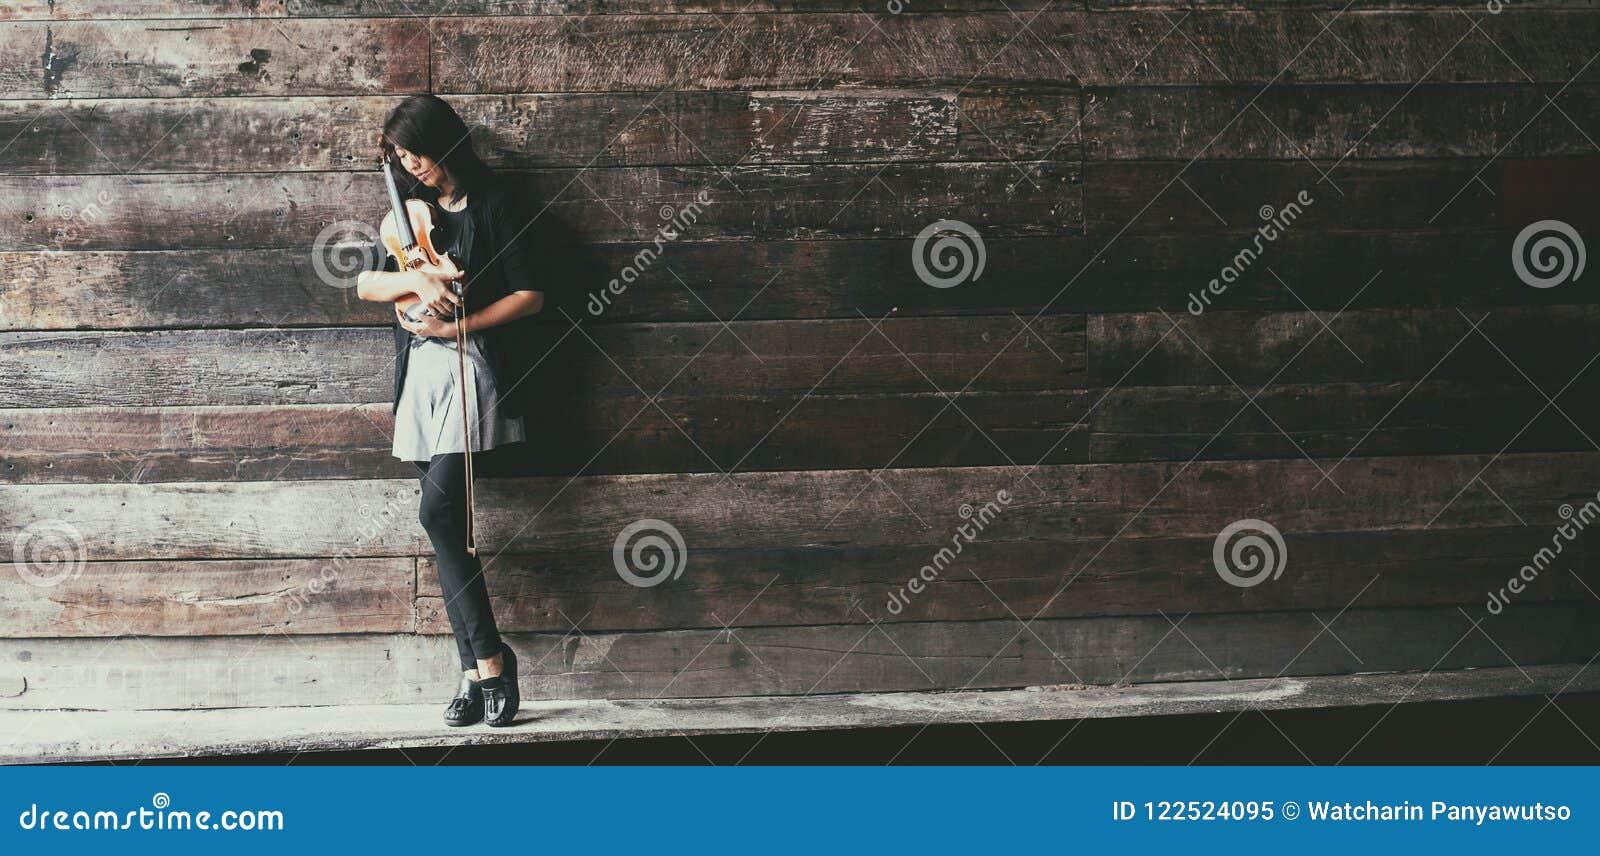 夫人和小提琴抽象派设计背景,她是举行小提琴和弓在她的下来看小提琴的胳膊和轮面孔